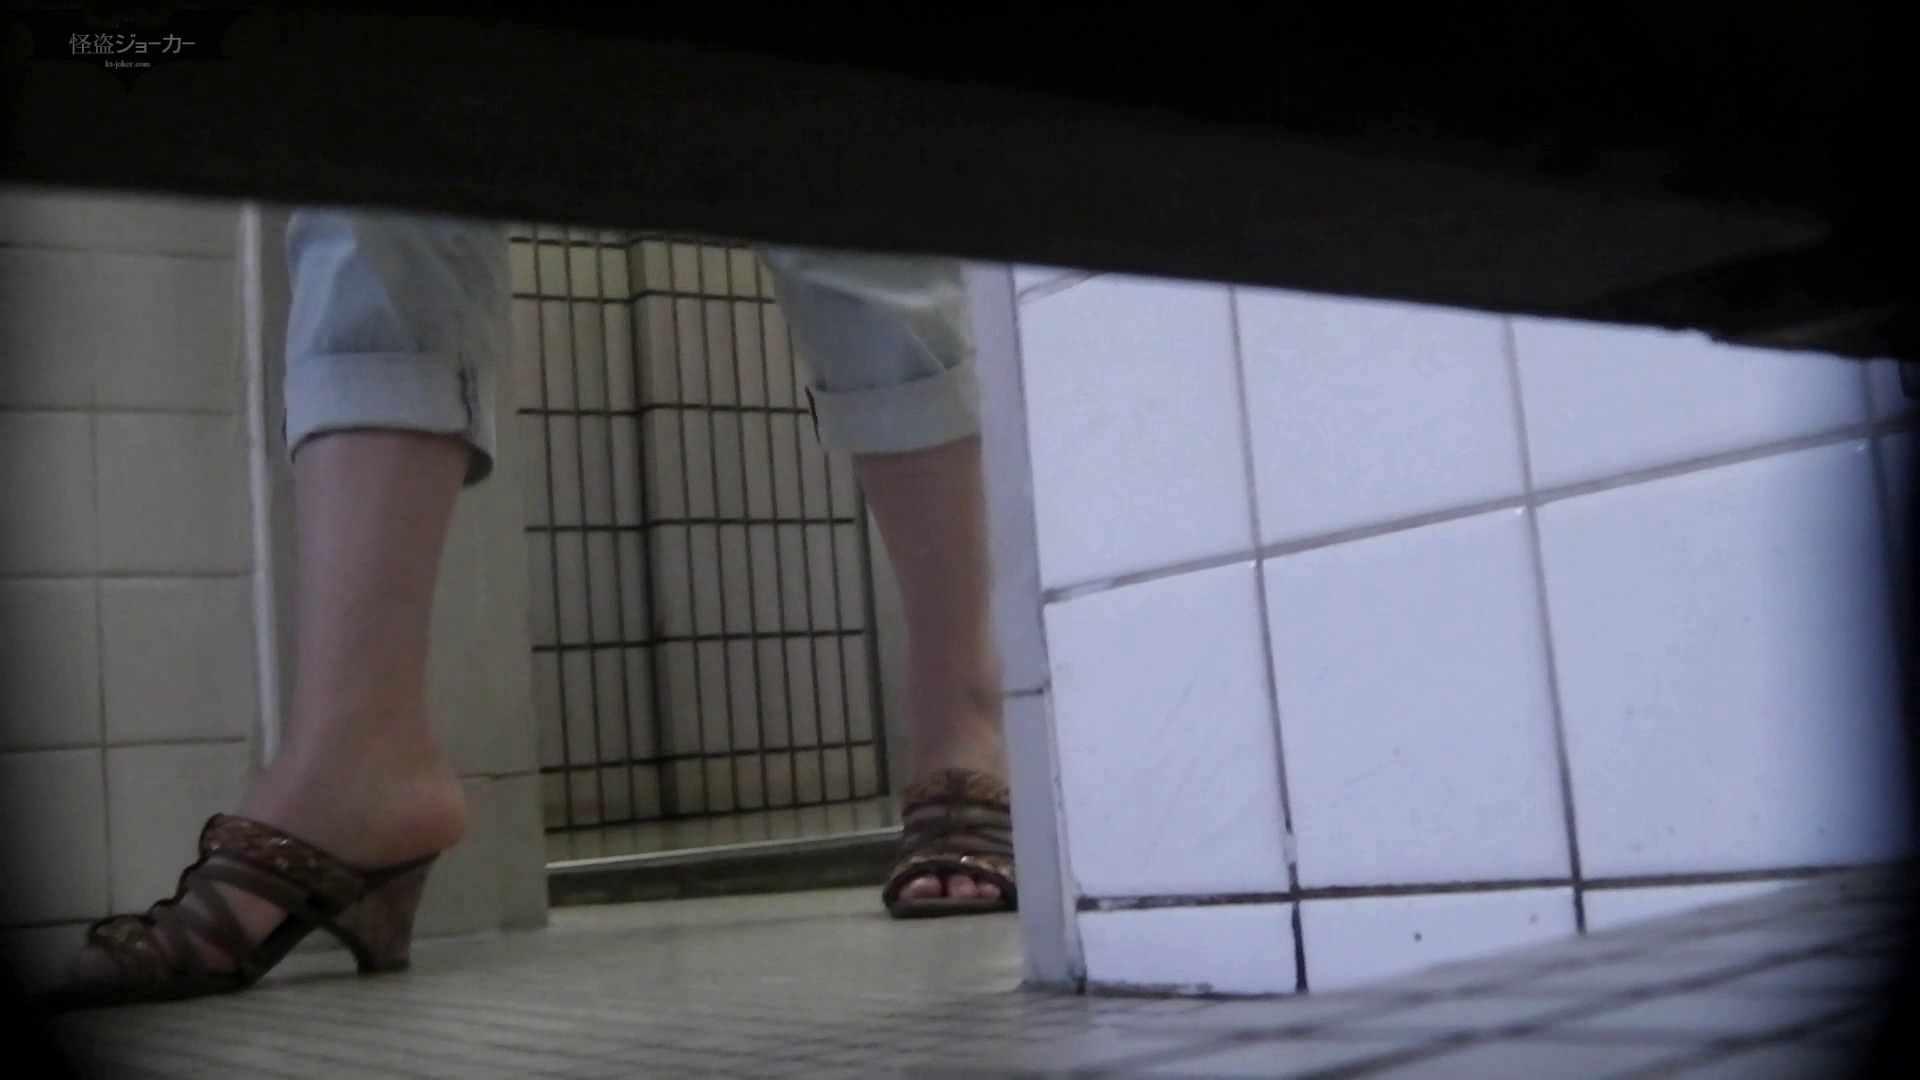 洗面所特攻隊 vol.56 白濁まみれのごっつい一本!!技あり 高評価 おまんこ無修正動画無料 110枚 55